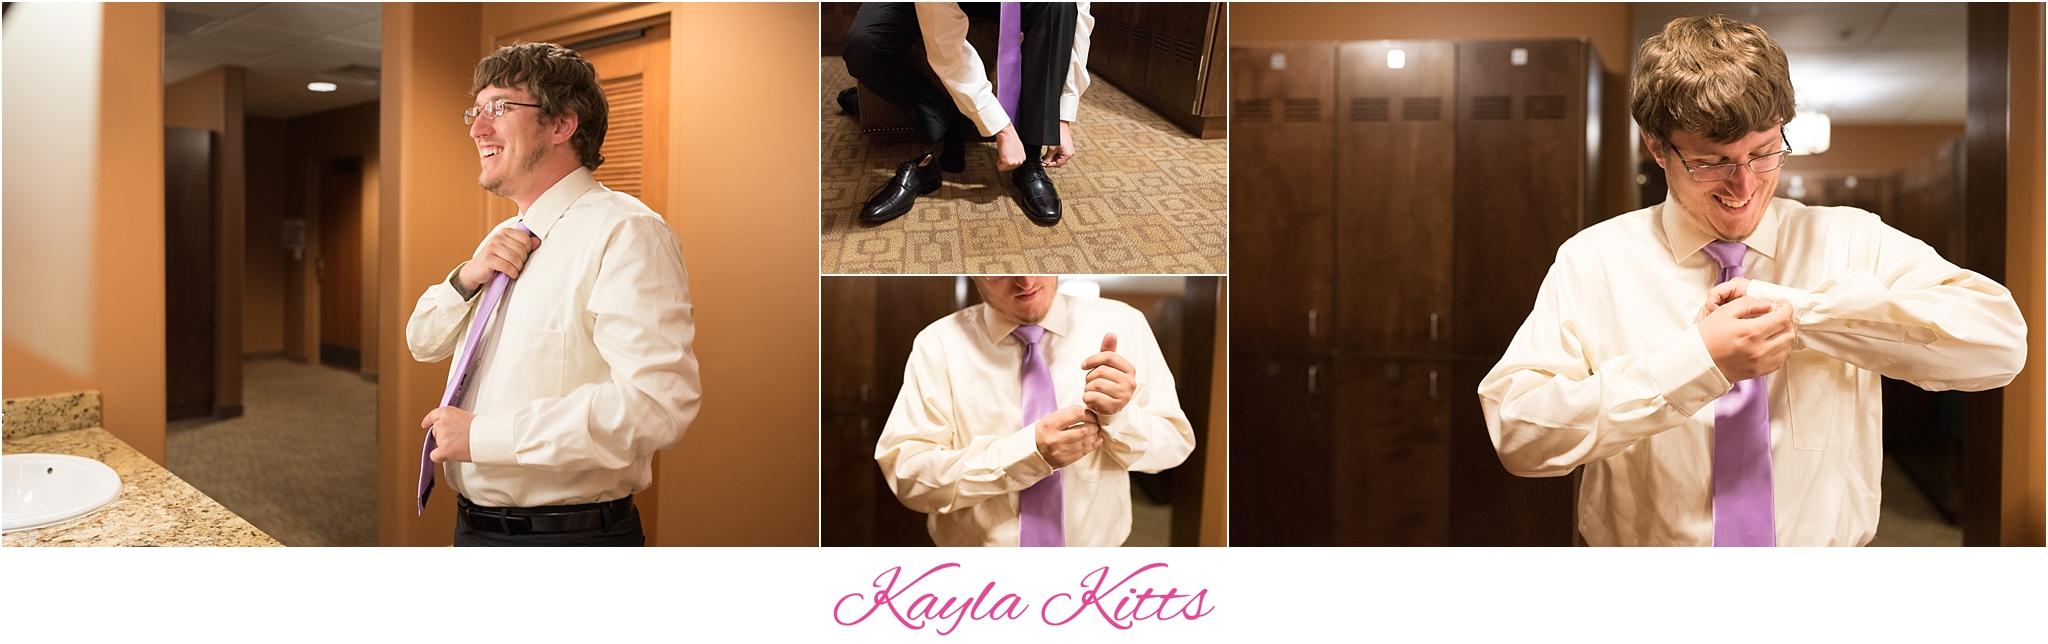 kayla kitts photography - albuquerque wedding photographer - angel fire wedding photographer - angel fire country club - albuquerque venue - casa de suenos - hotel albuquerque wedding - new mexico wedding photographer_0005.jpg